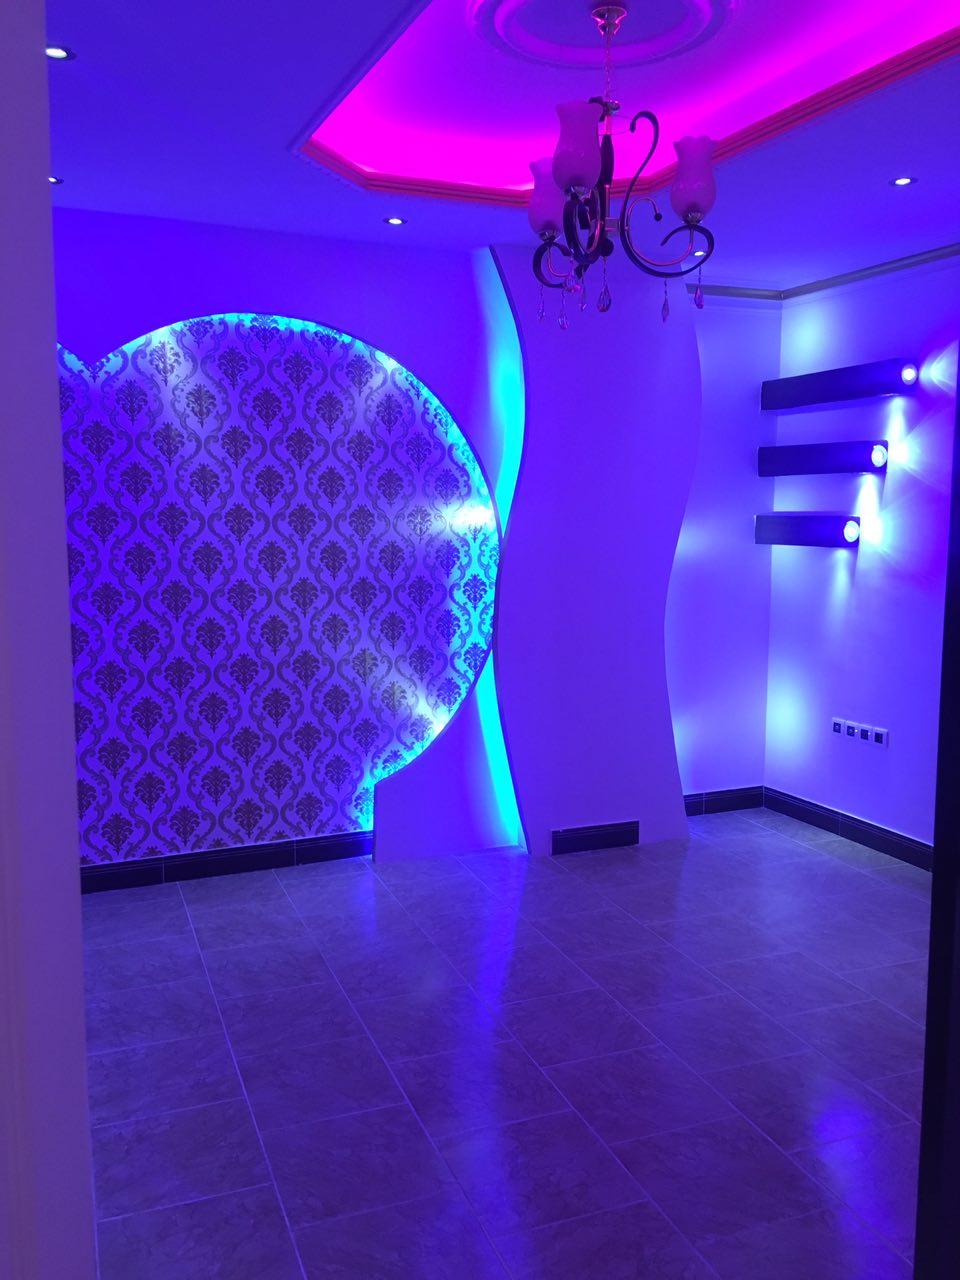 آپارتمان ۶۵ متری نوساز برای فروش زیر قیمت